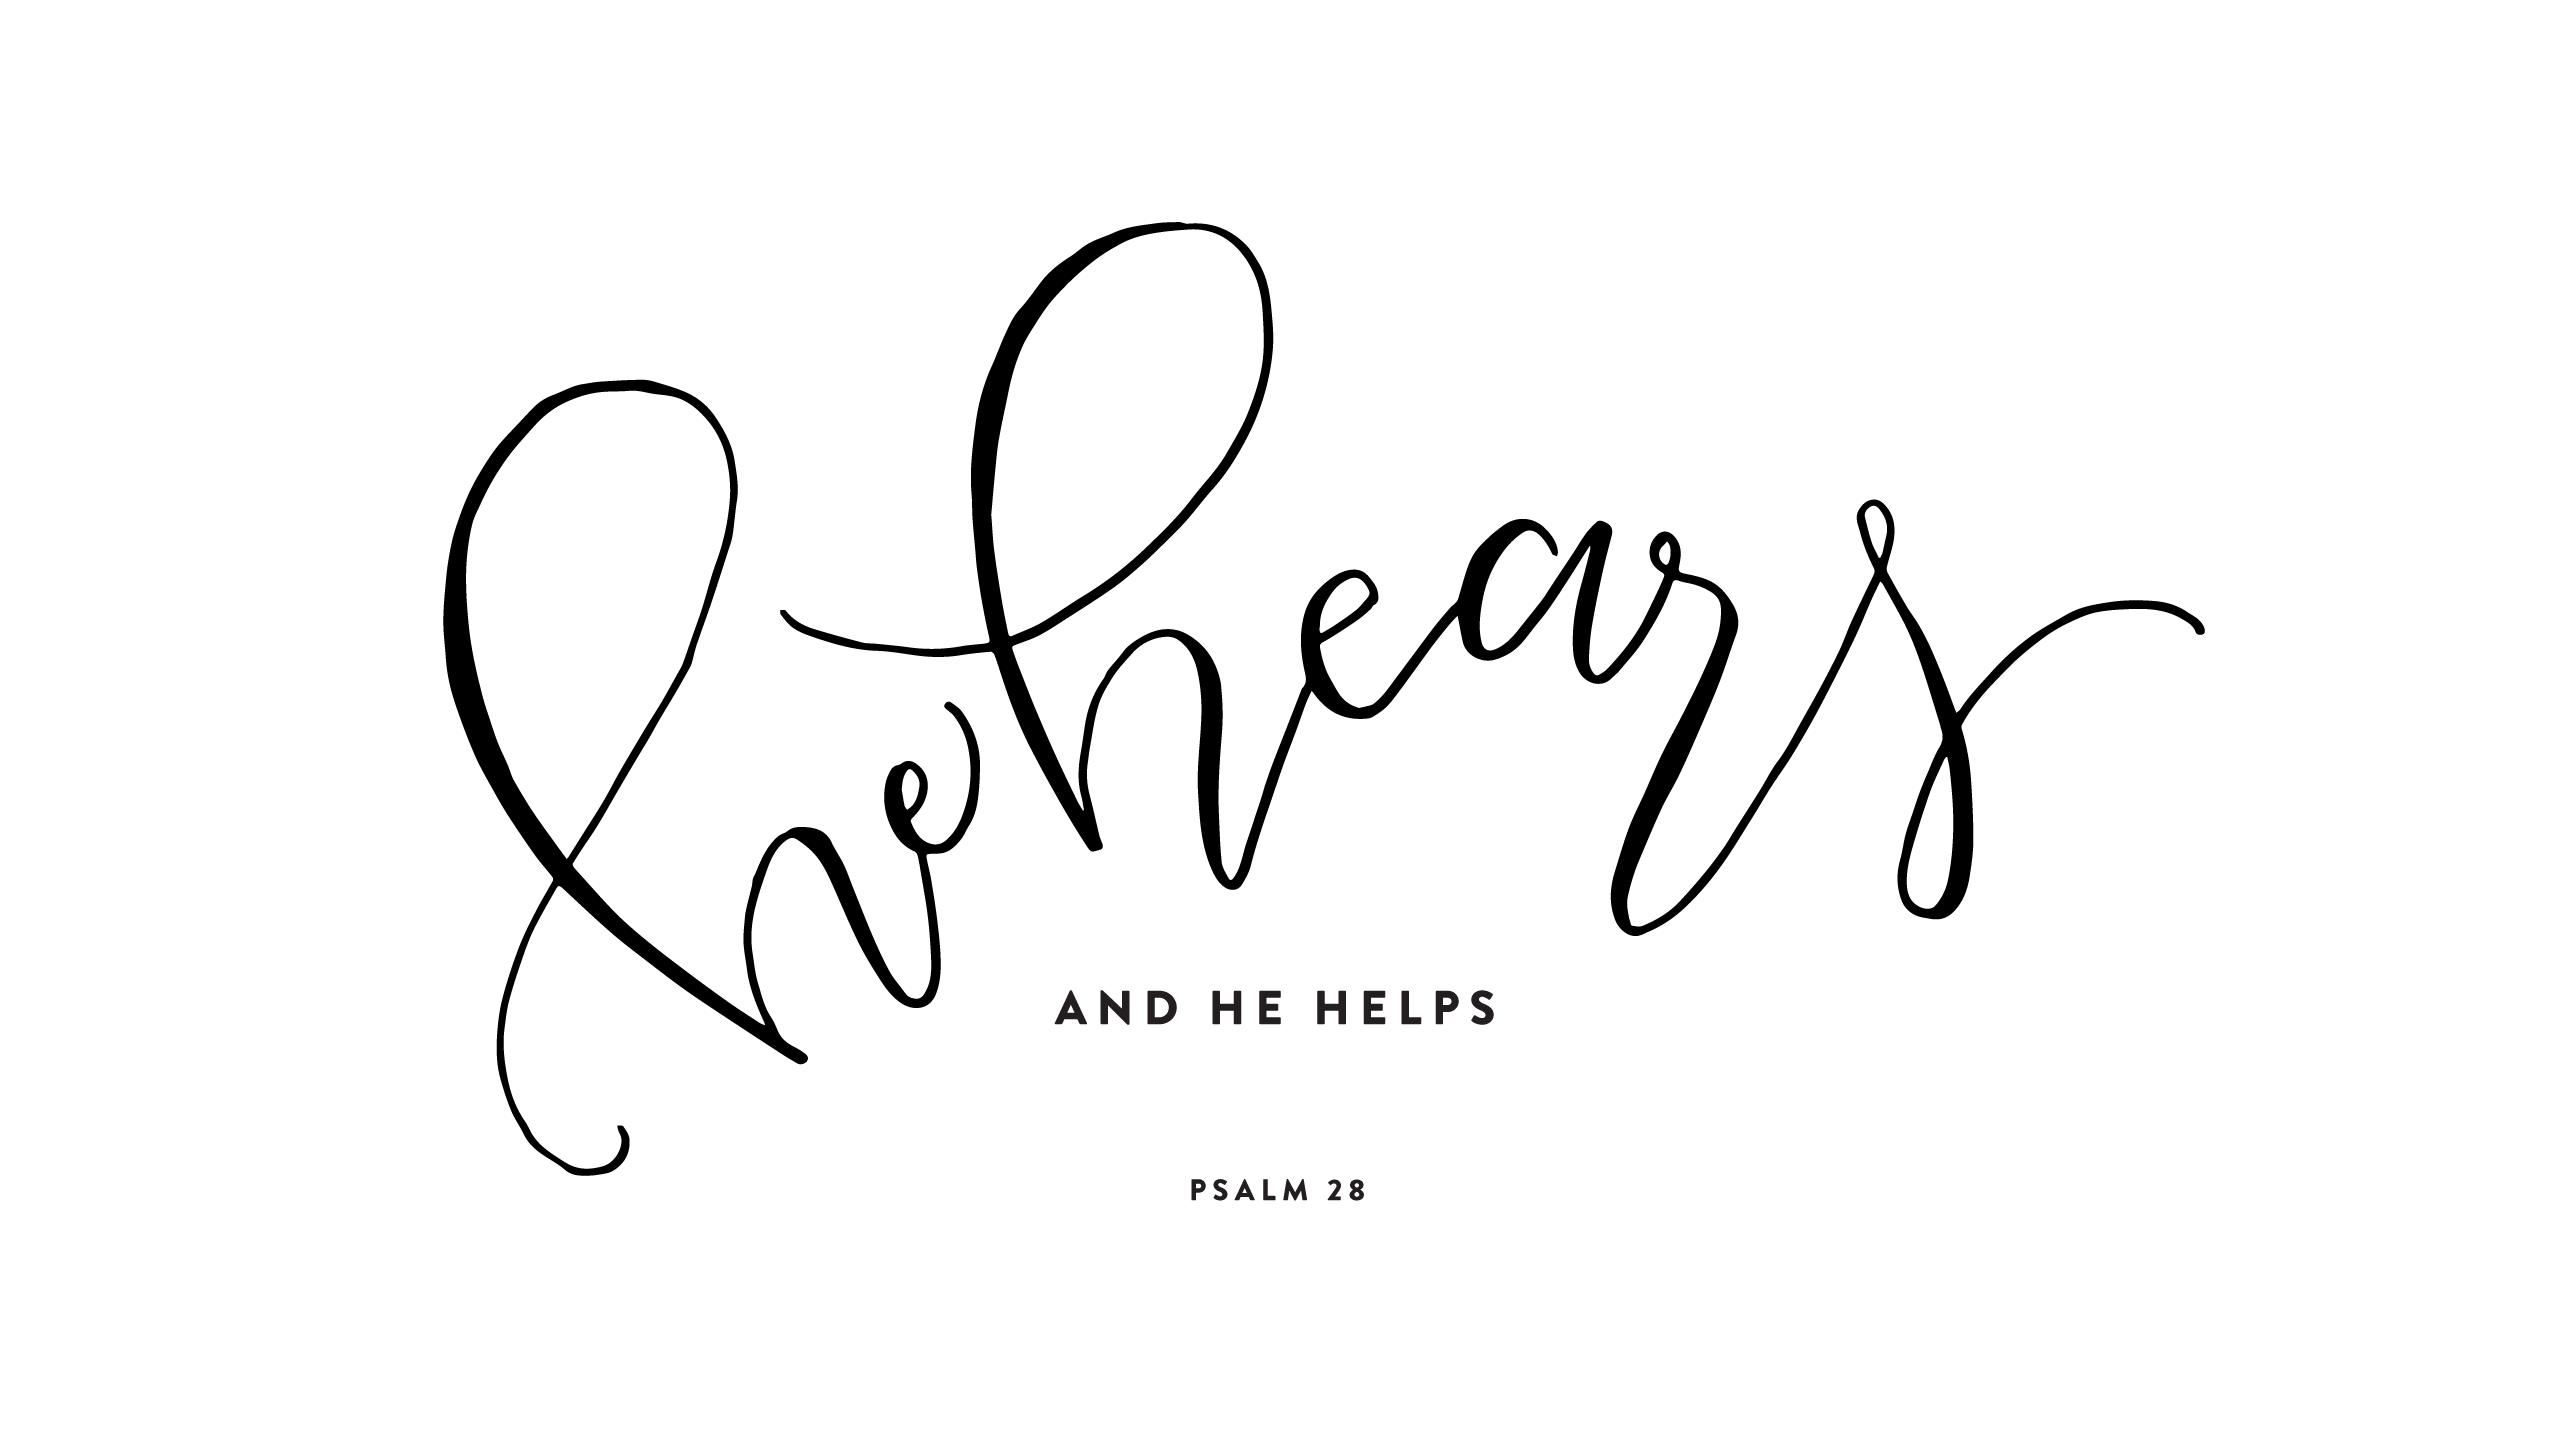 verse wallpaper